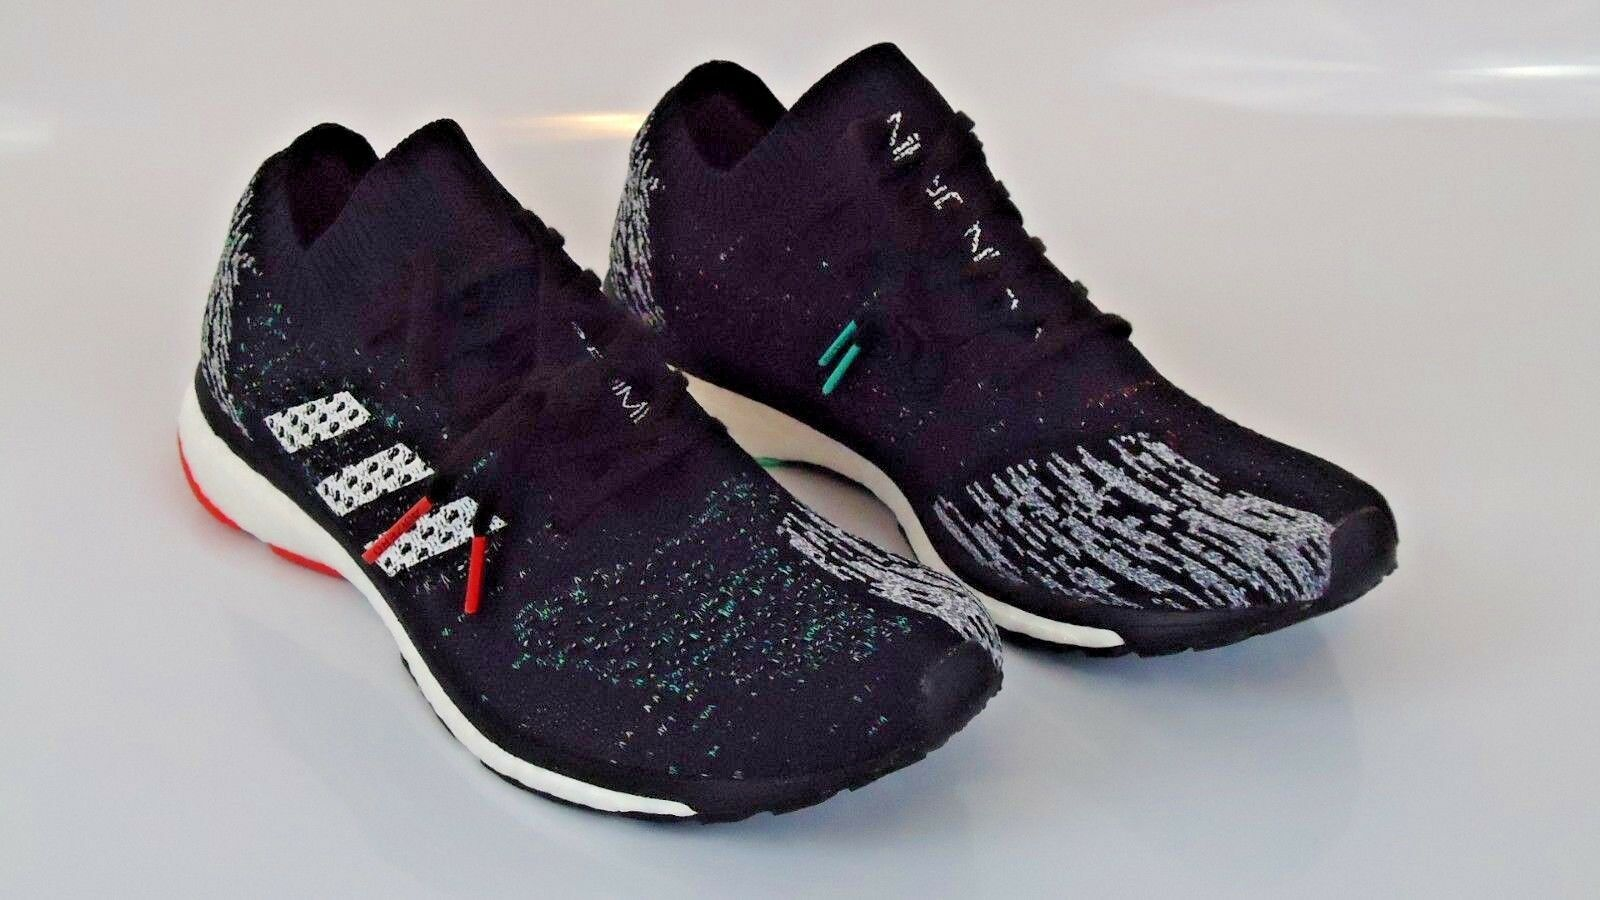 New Uomo Adidas Adizero Prime Boost LTD Core Nero White Grey Size 10.5 CP8922